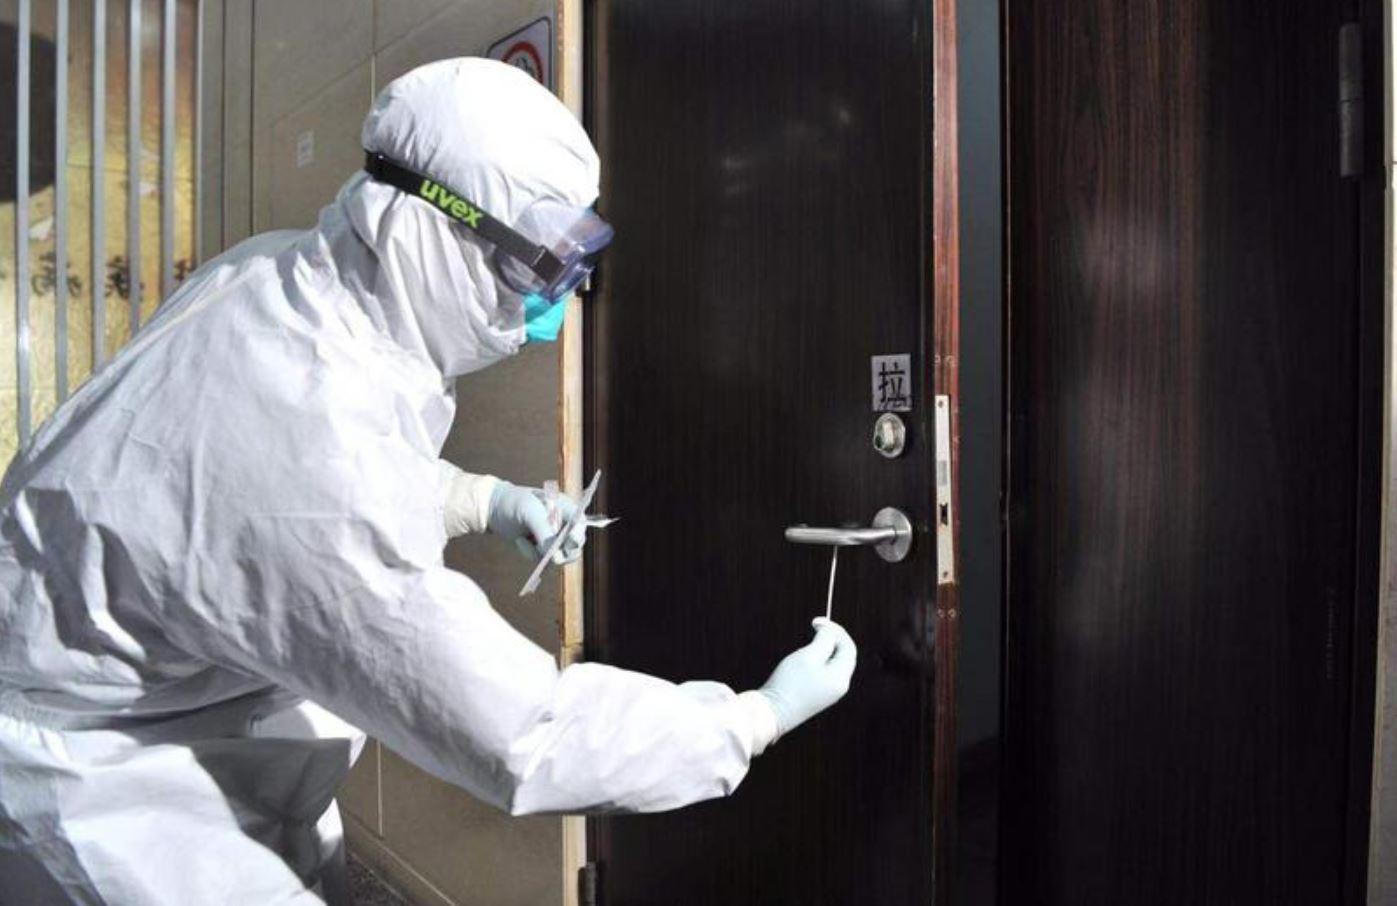 Muôn kiểu bấm số thang máy để chống lây nhiễm virus Corona 4